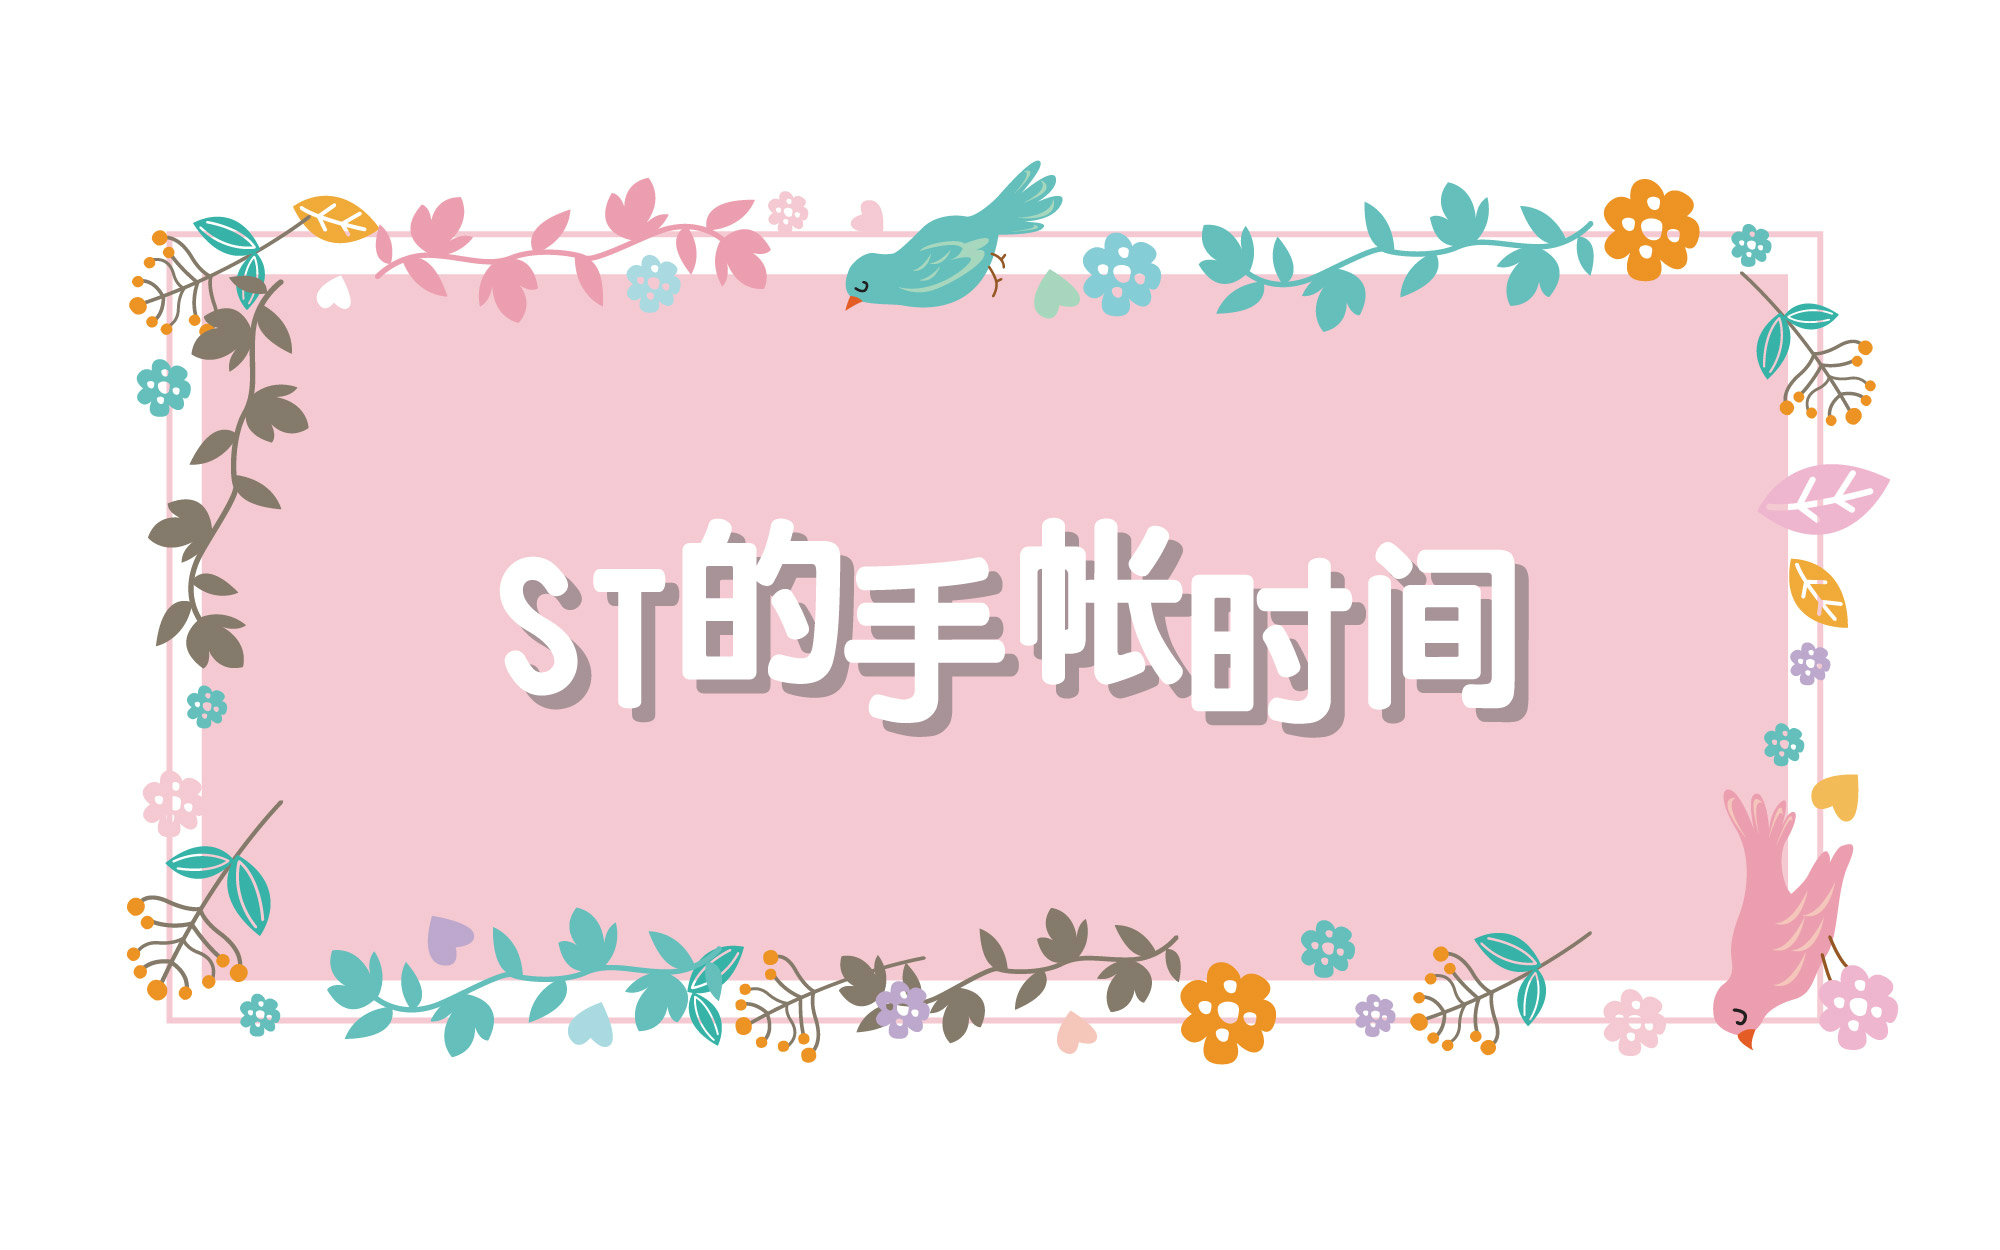 【超简单】手帐用贴纸素材制作教程图片